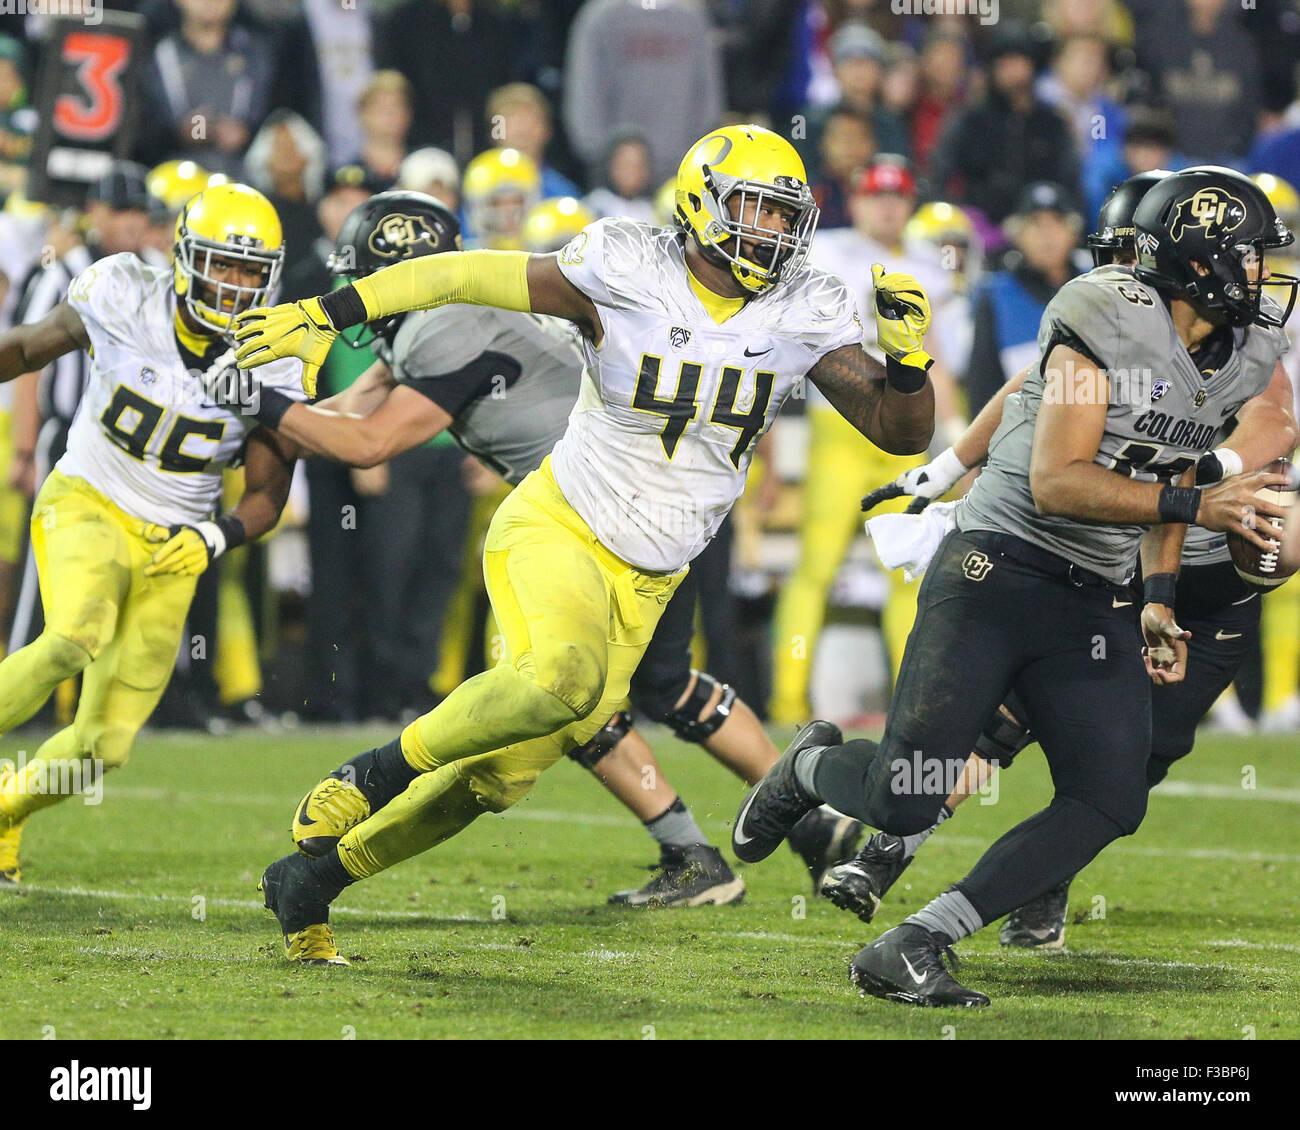 October 3, 2015: Oregon defender DeForest Buckner pursues Colorado QB Sefo Liufau in the second half. Oregon defeated - Stock Image